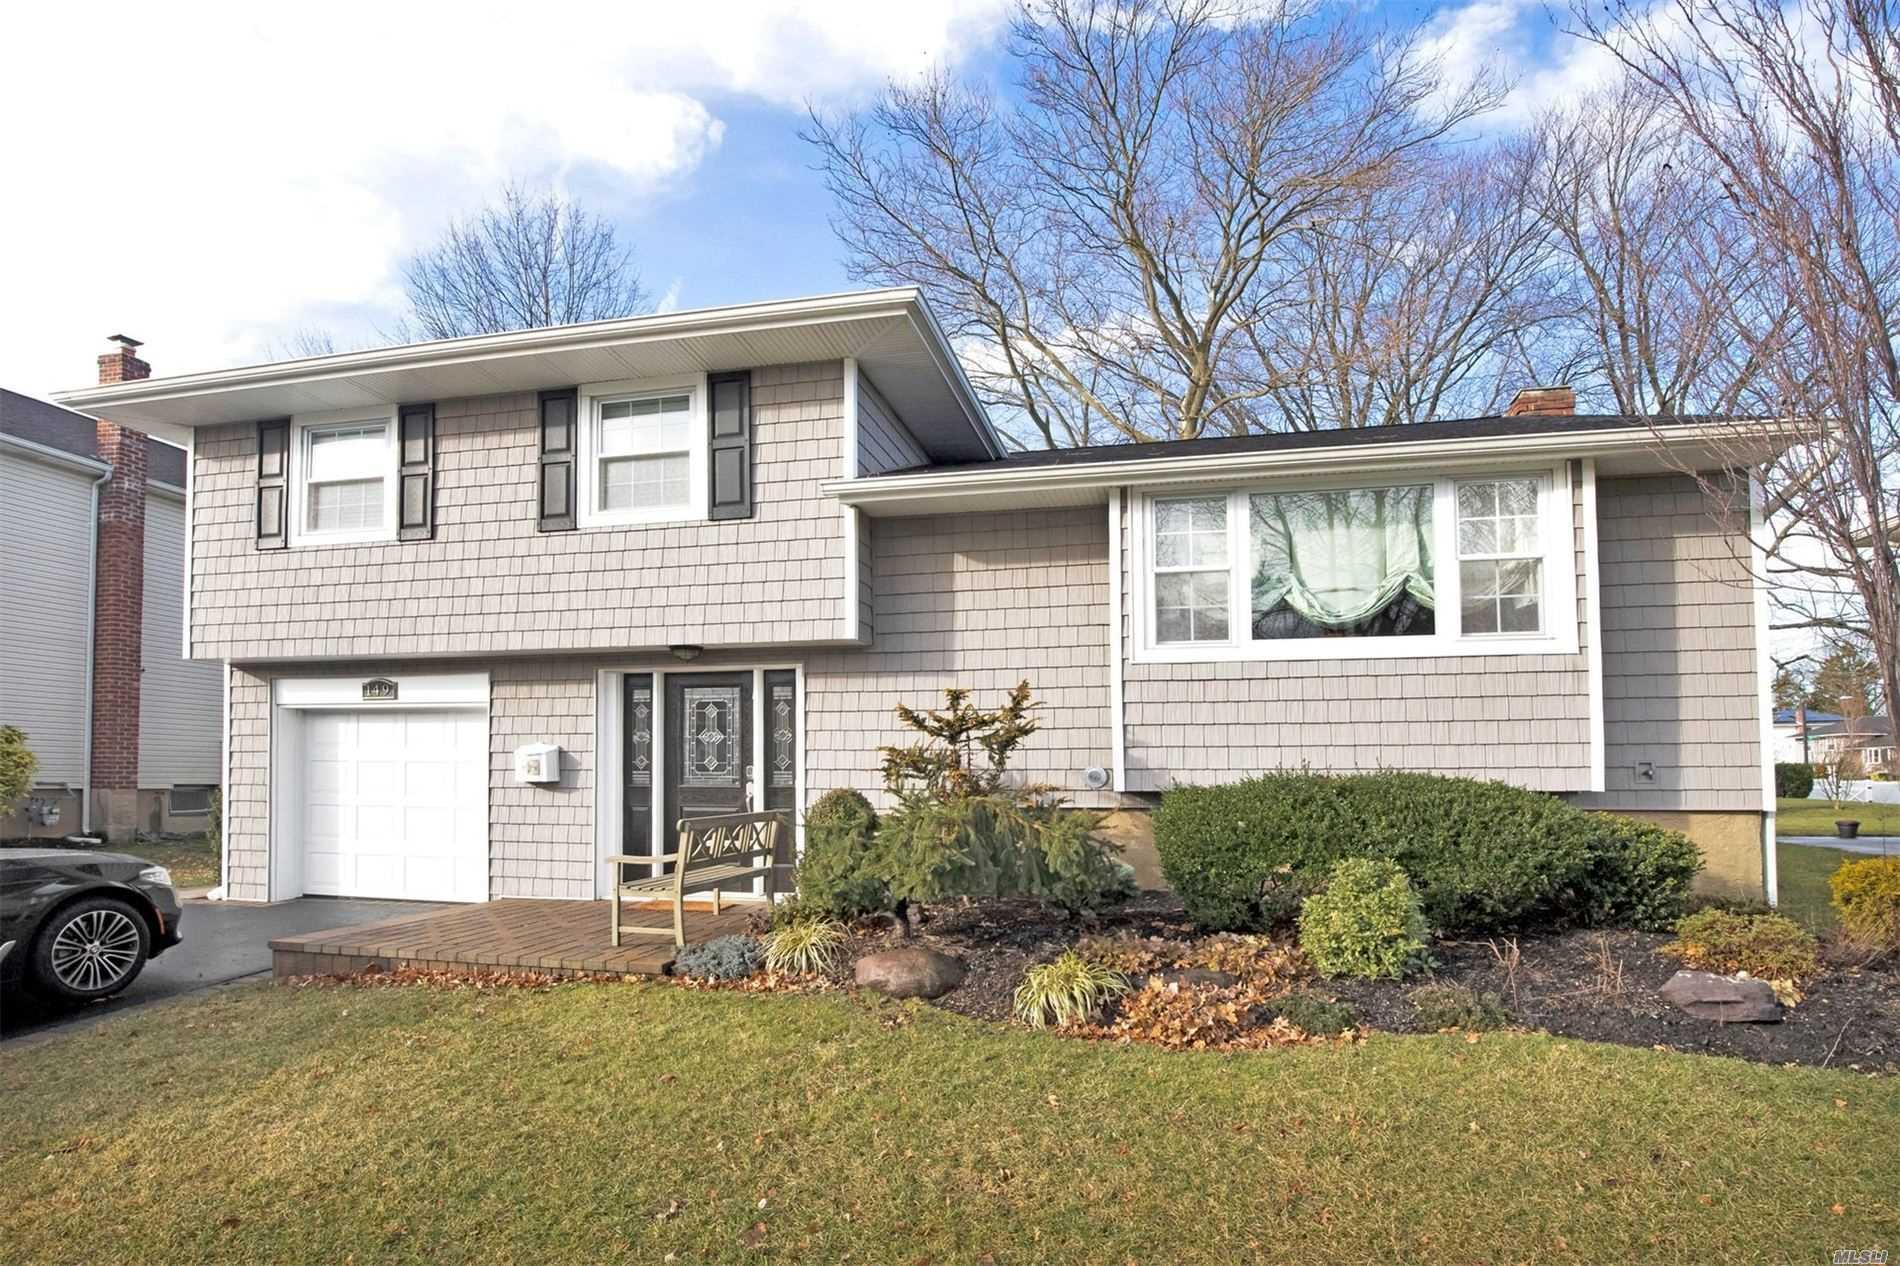 149 Sutton Dr - Plainview, New York